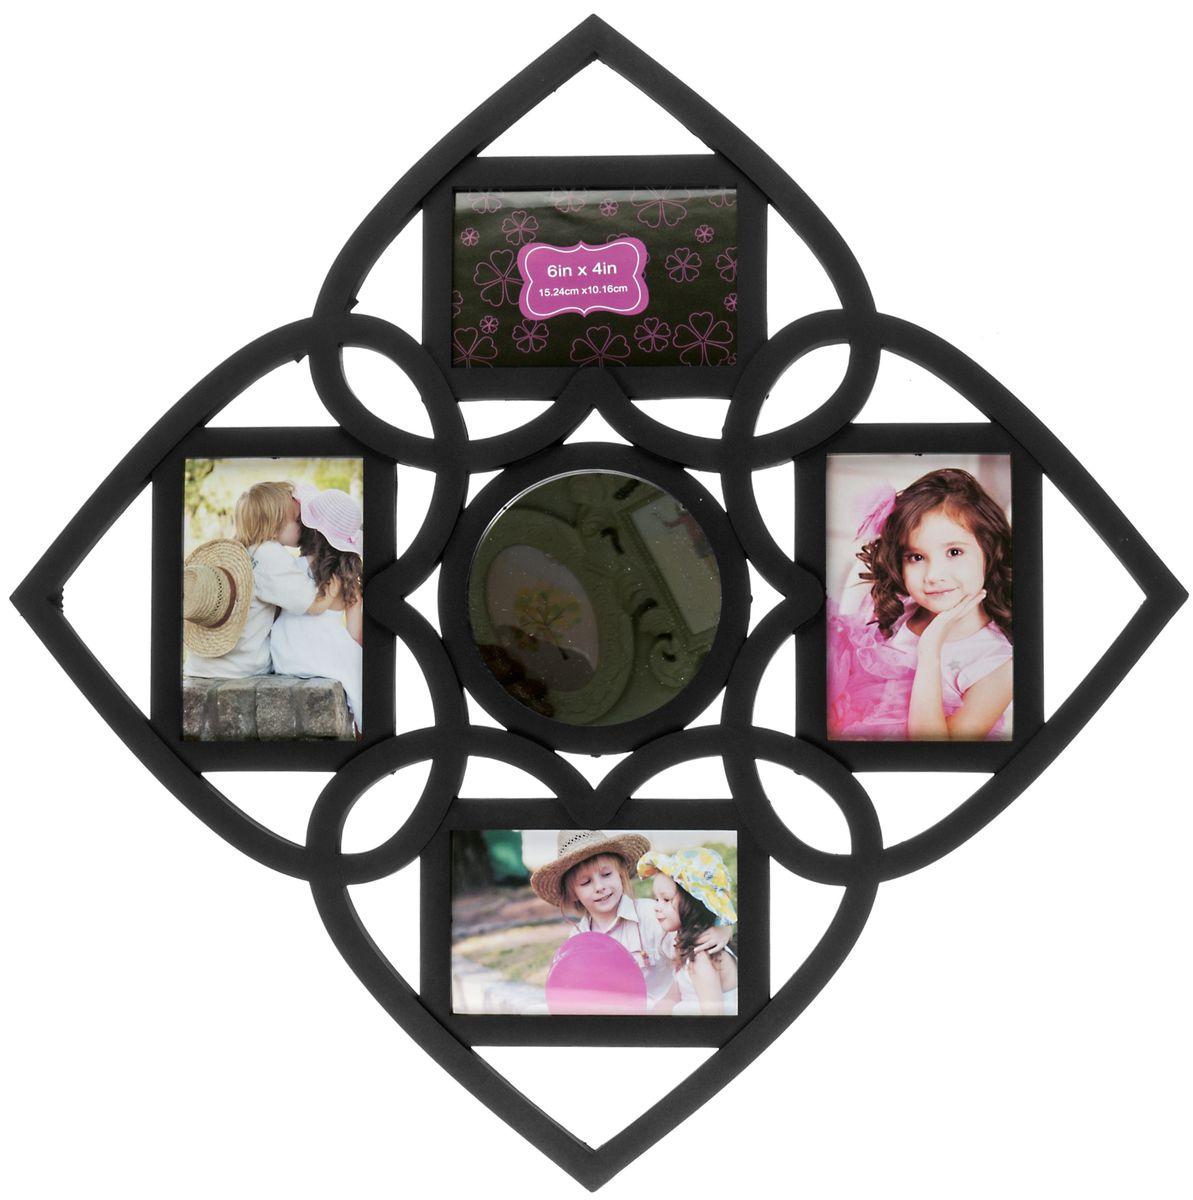 Фоторамка Platinum, с круглым зеркалом, цвет: черный, на 4 фотоBIN-1122552-Black-ЧёрныйФоторамка Platinum - прекрасный способ красиво оформить ваши фотографии. Фоторамка выполнена из пластика и защищена стеклом. Фоторамка-коллаж представляет собой четыре фоторамки для фото одного размера оригинально соединенных между собой. В центре фоторамки имеется круглое зеркало. Такая фоторамка поможет сохранить в памяти самые яркие моменты вашей жизни, а стильный дизайн сделает ее прекрасным дополнением интерьера комнаты. Фоторамка подходит для фотографий 10 х 15 см. Общий размер фоторамки: 59 х 59 см.